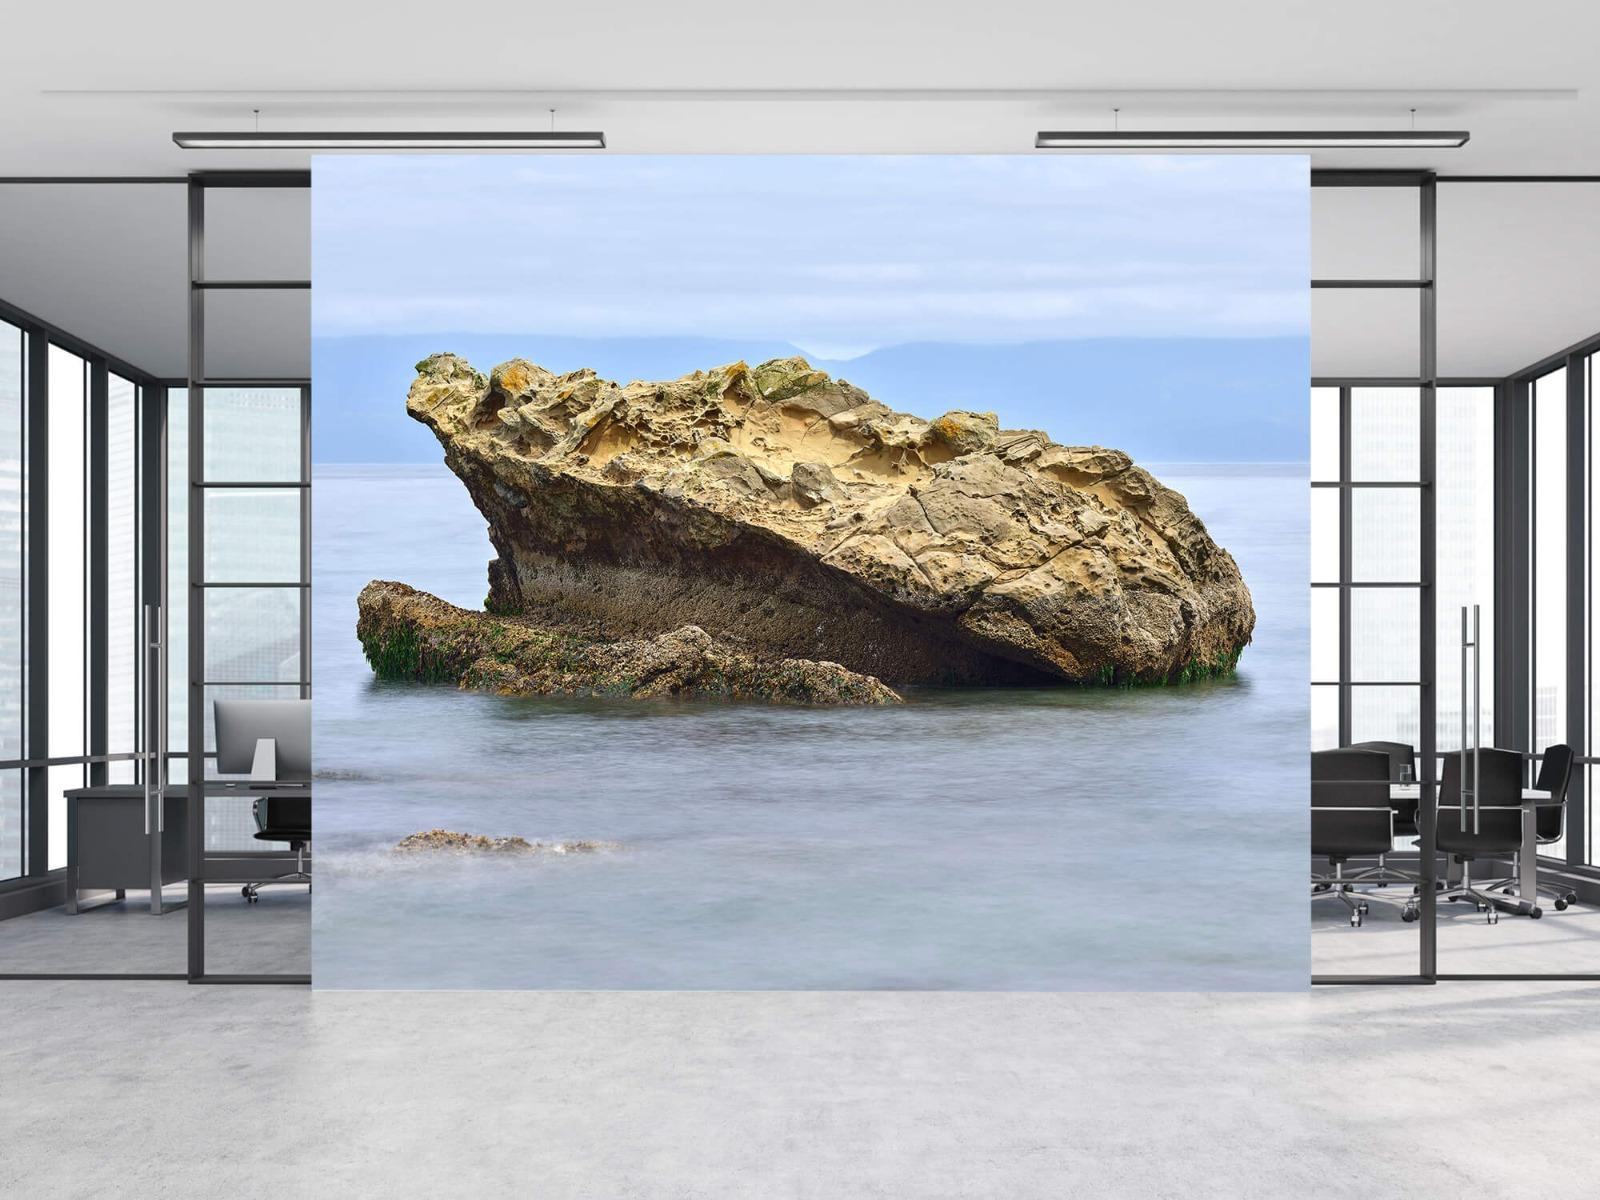 Zeeën en Oceanen - Mooie rots aan de kust - Wallexclusive - Woonkamer 8